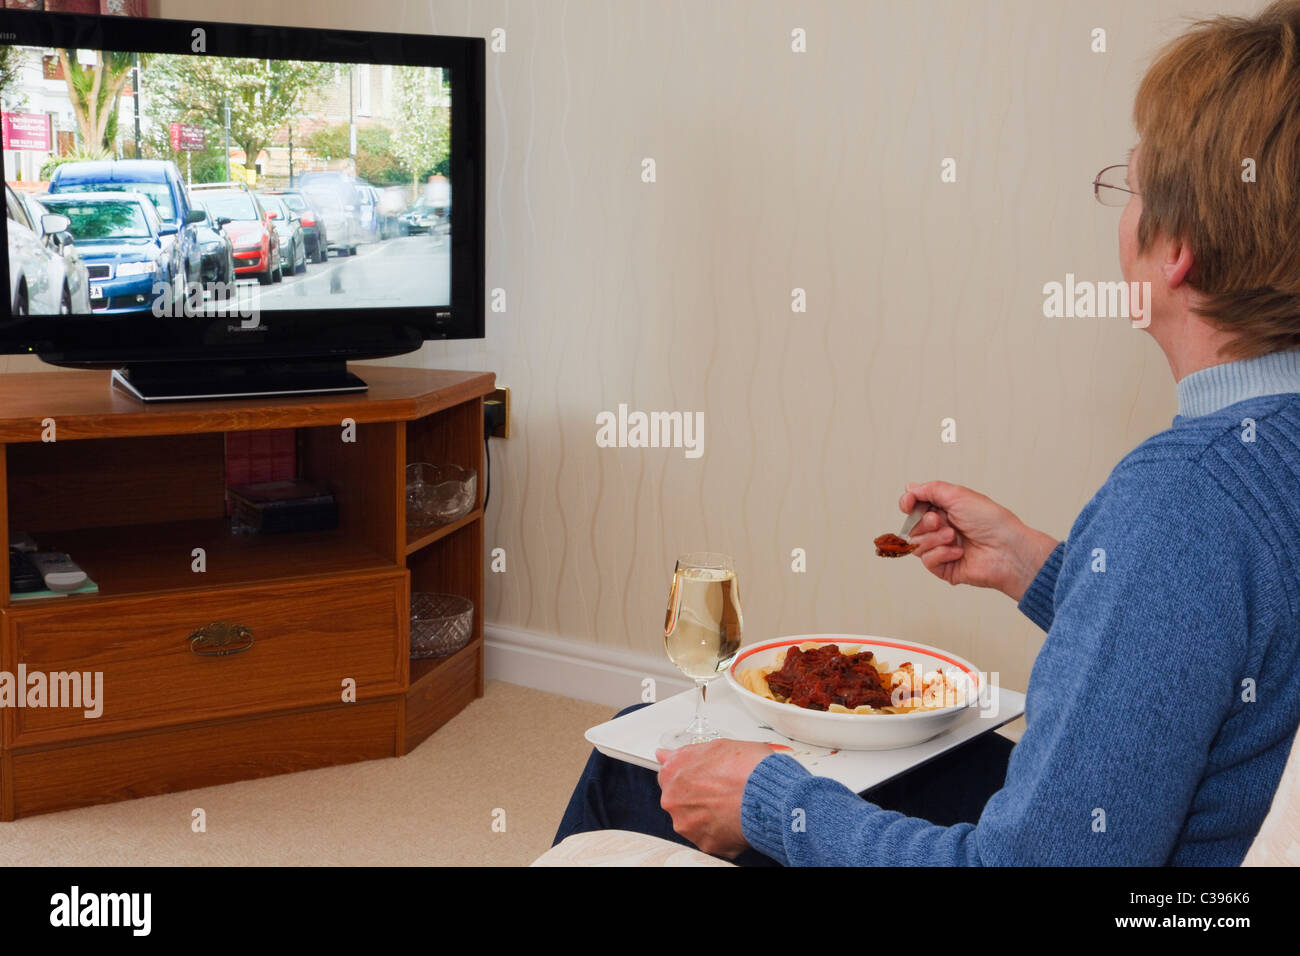 Scène quotidienne d'une femme mature assise seule devant la télévision manger un plat du soir Photo Stock